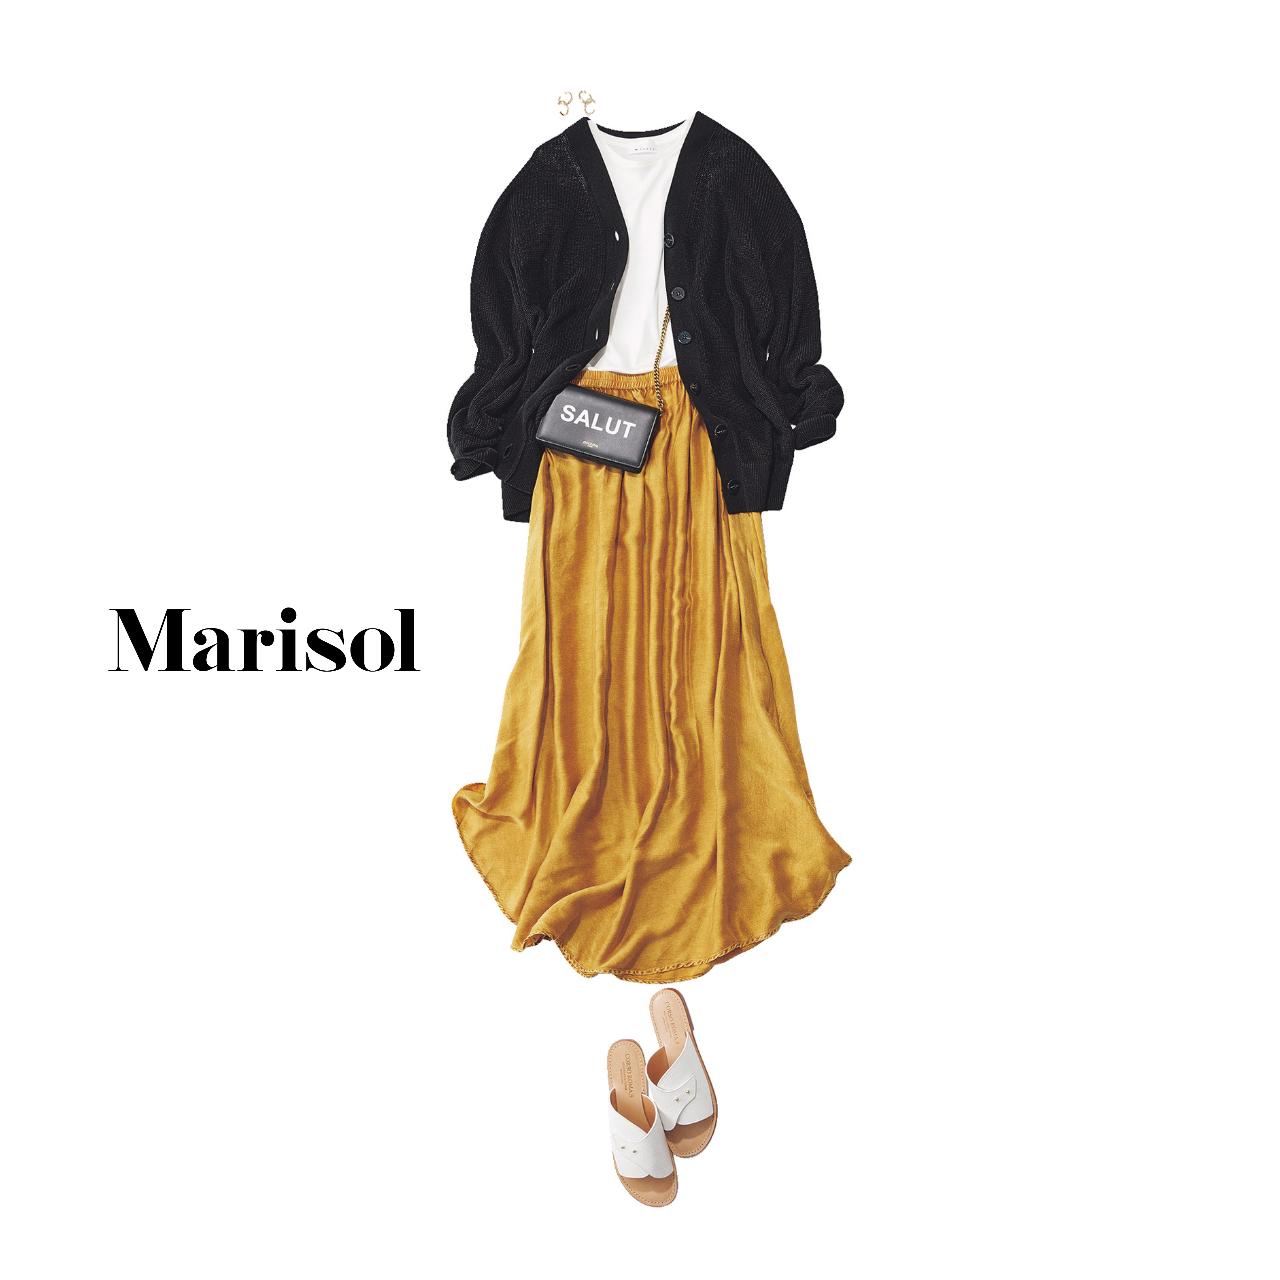 40代ファッション  黒カーディガン×白カットソー×イエロースカートコーデ